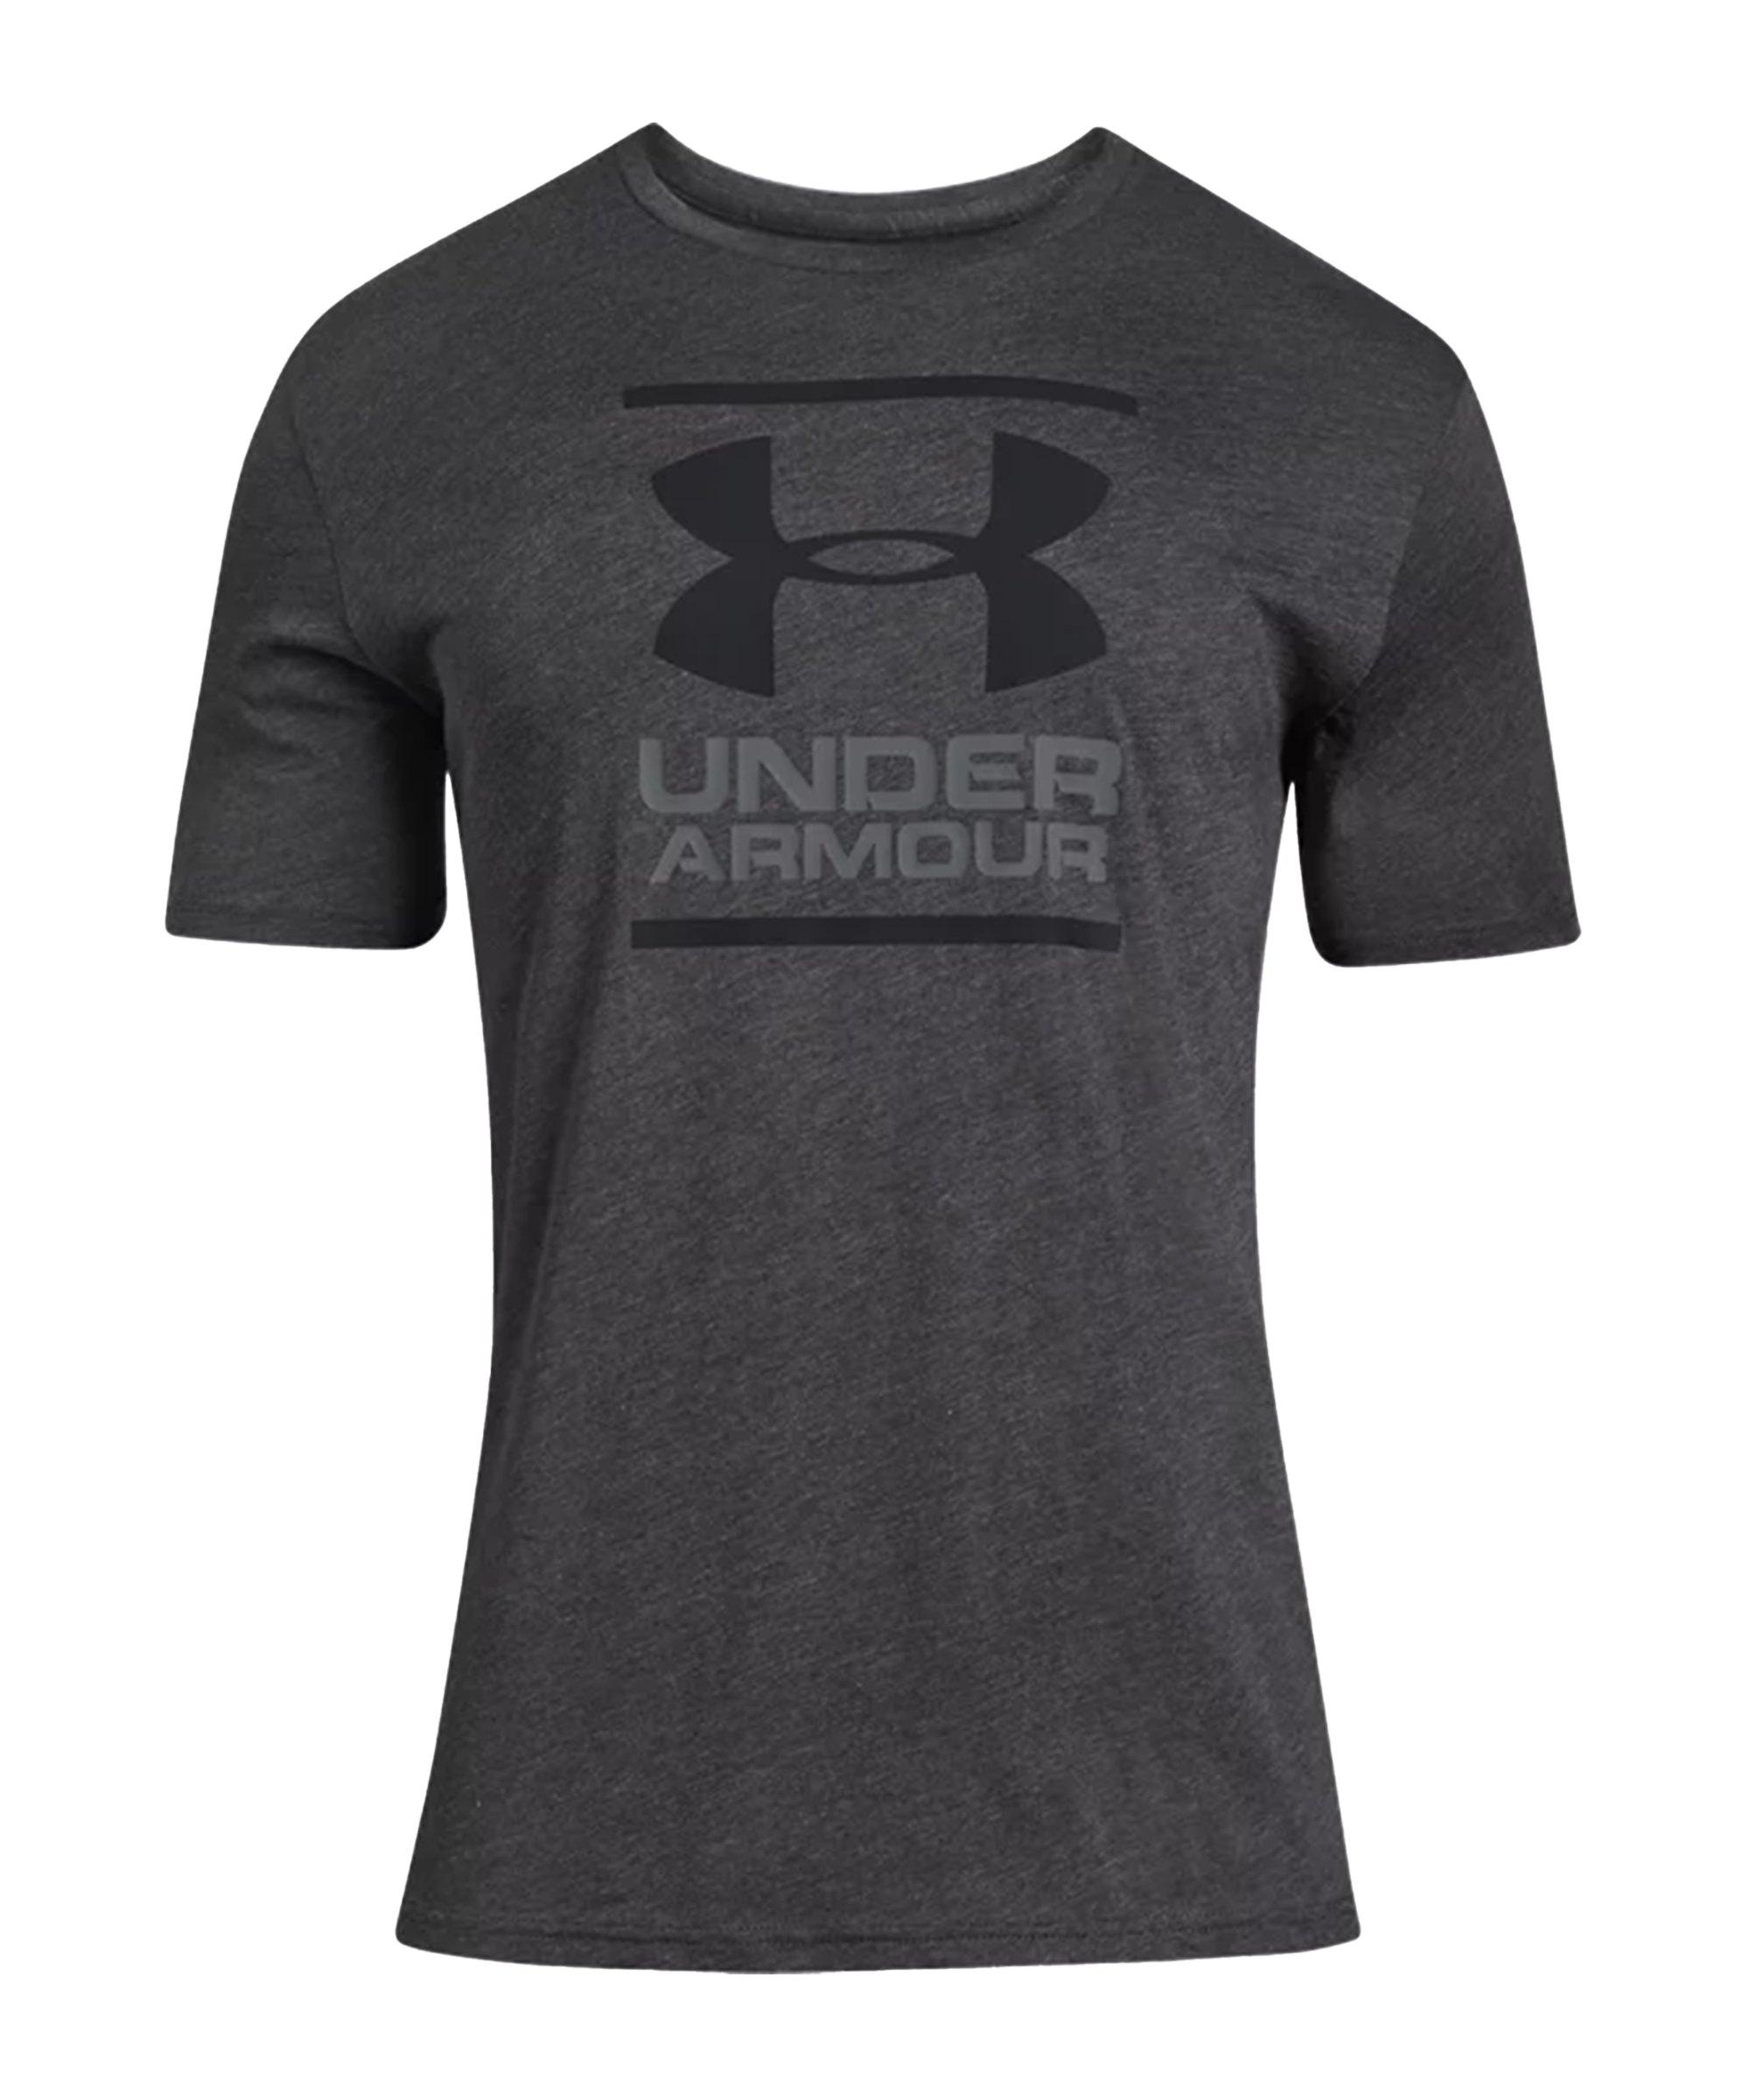 Under Armour GL Foundation T-Shirt Grau F019 - grau